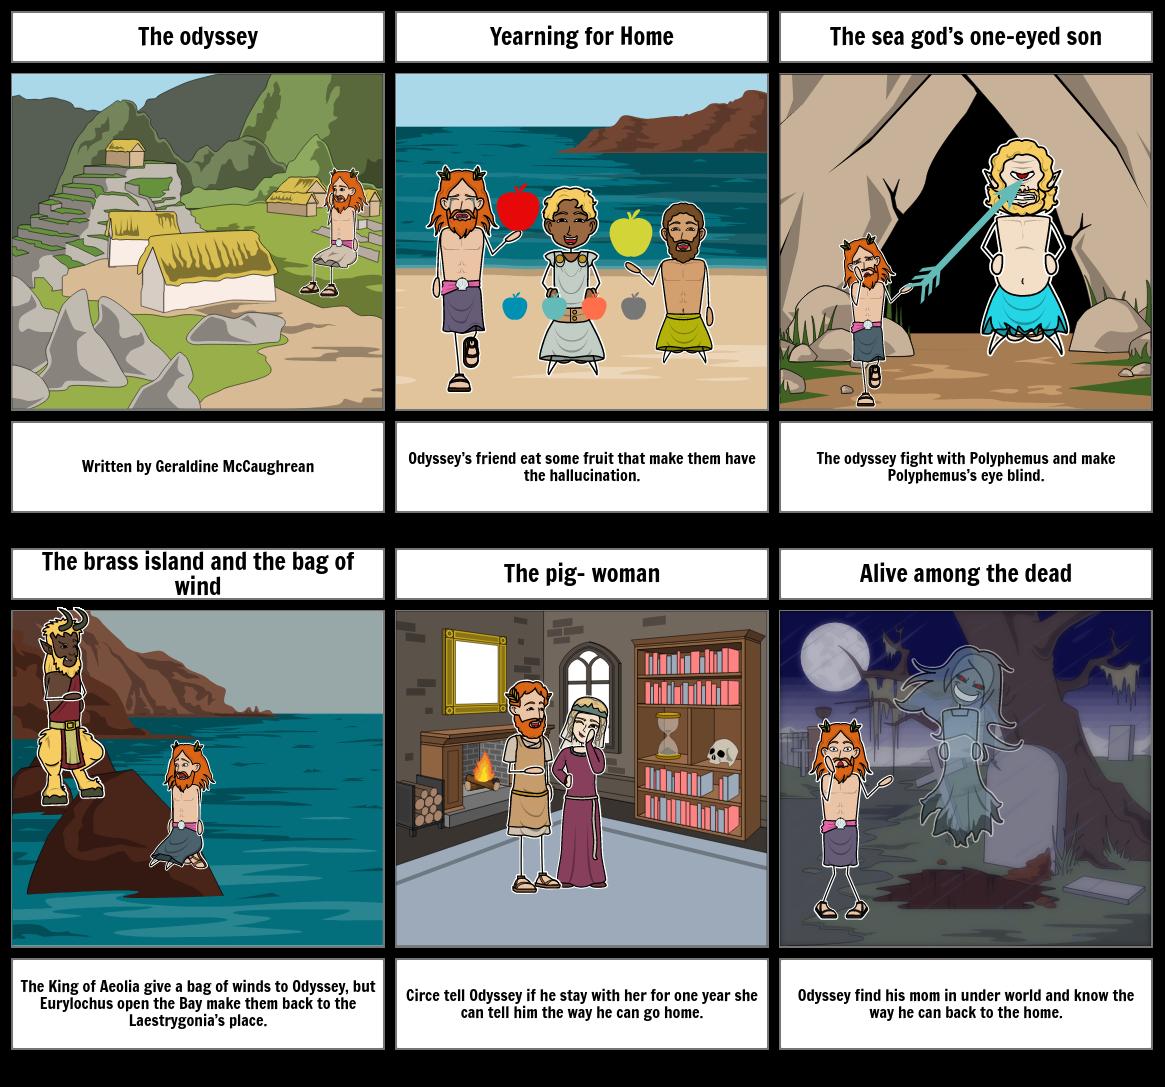 Story summarize